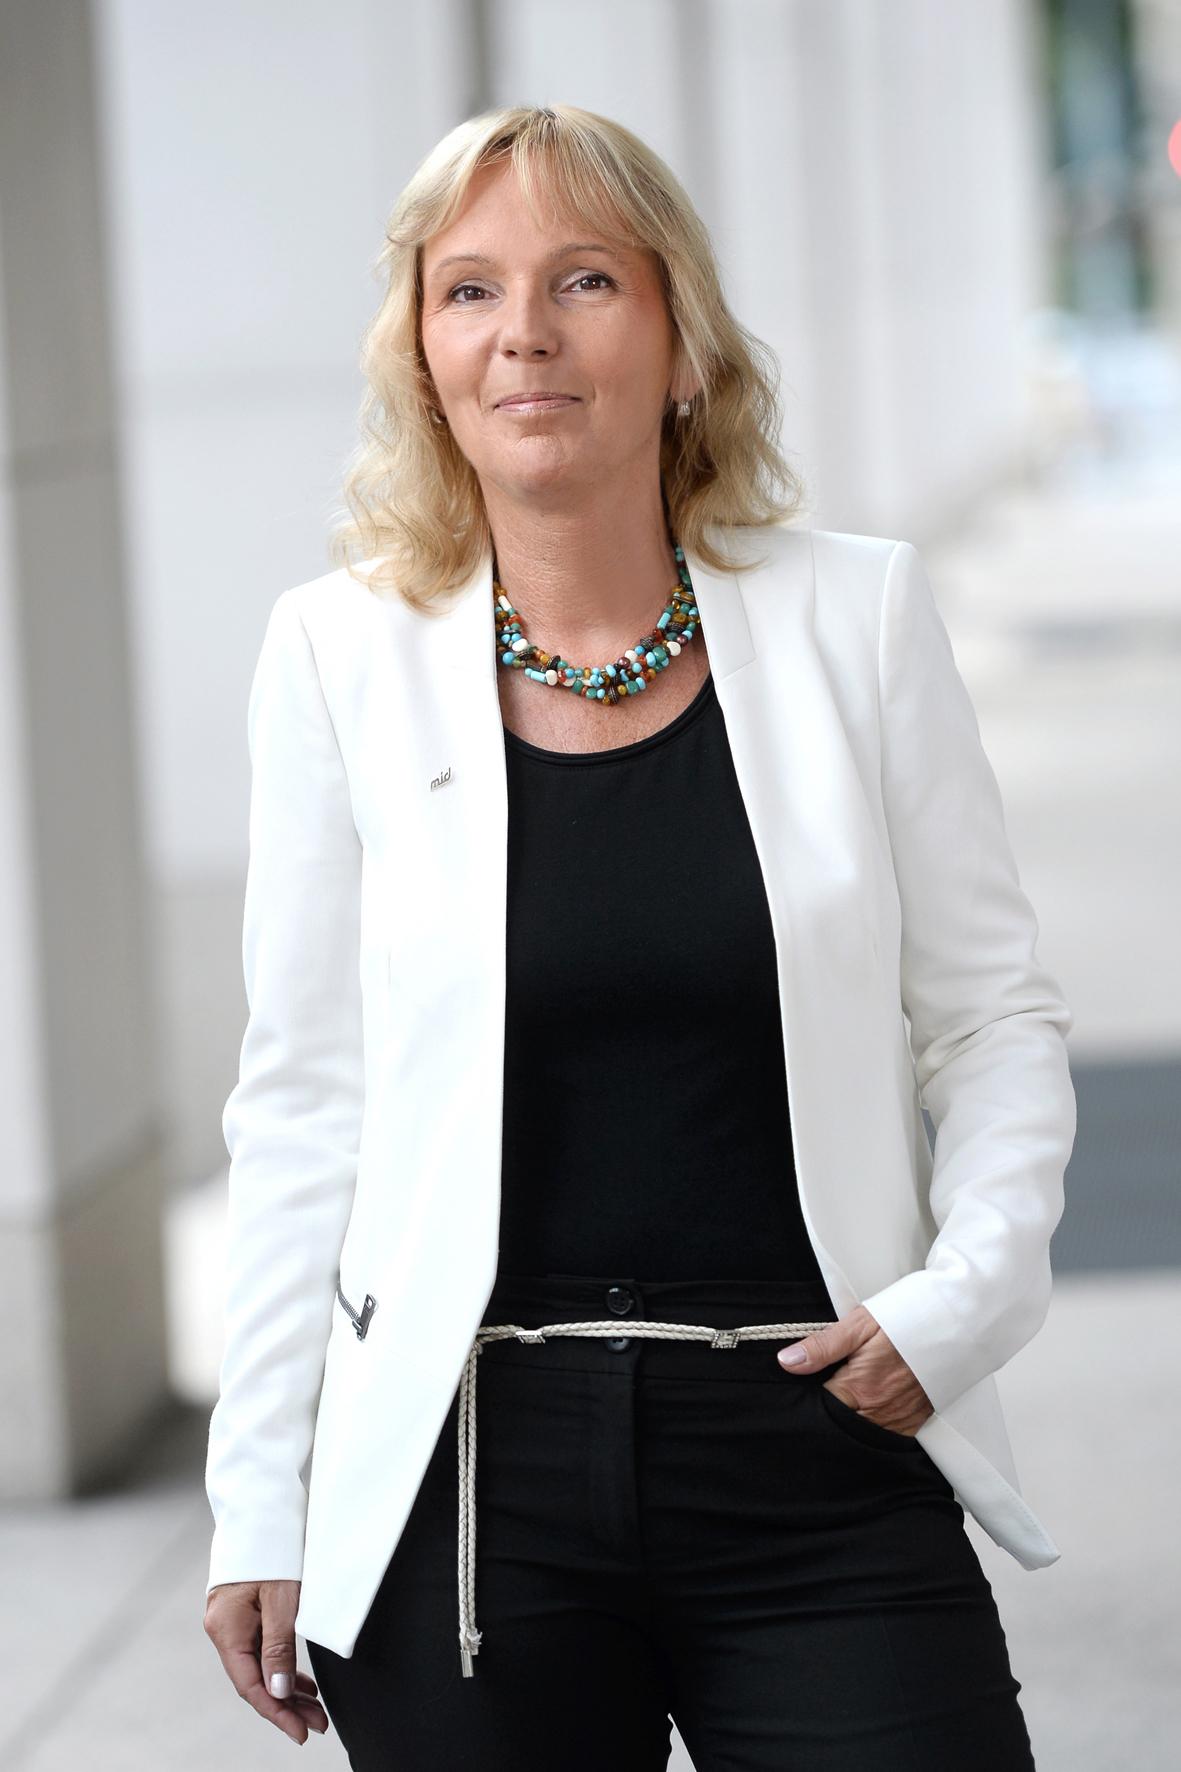 mid Düsseldorf - Jutta Bernhard tritt als neue Eigentümerin der Global Press Nachrichten-Agentur an.